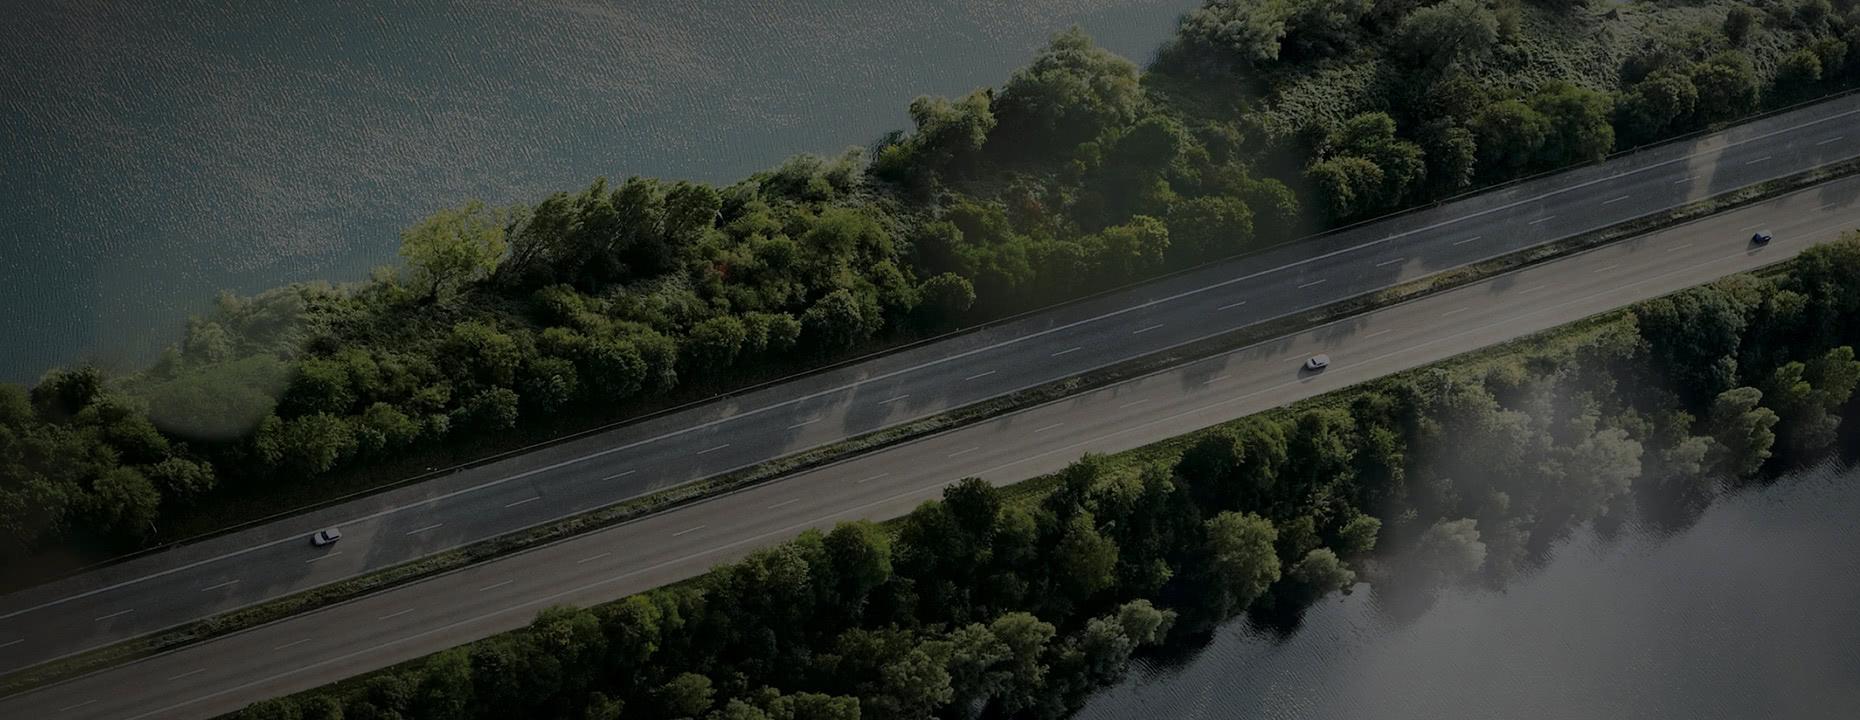 Автомобілі Hyundai обладнають технологією окремих звукових зон | ТОВ «Хюндай Центр Полтава» - фото 8